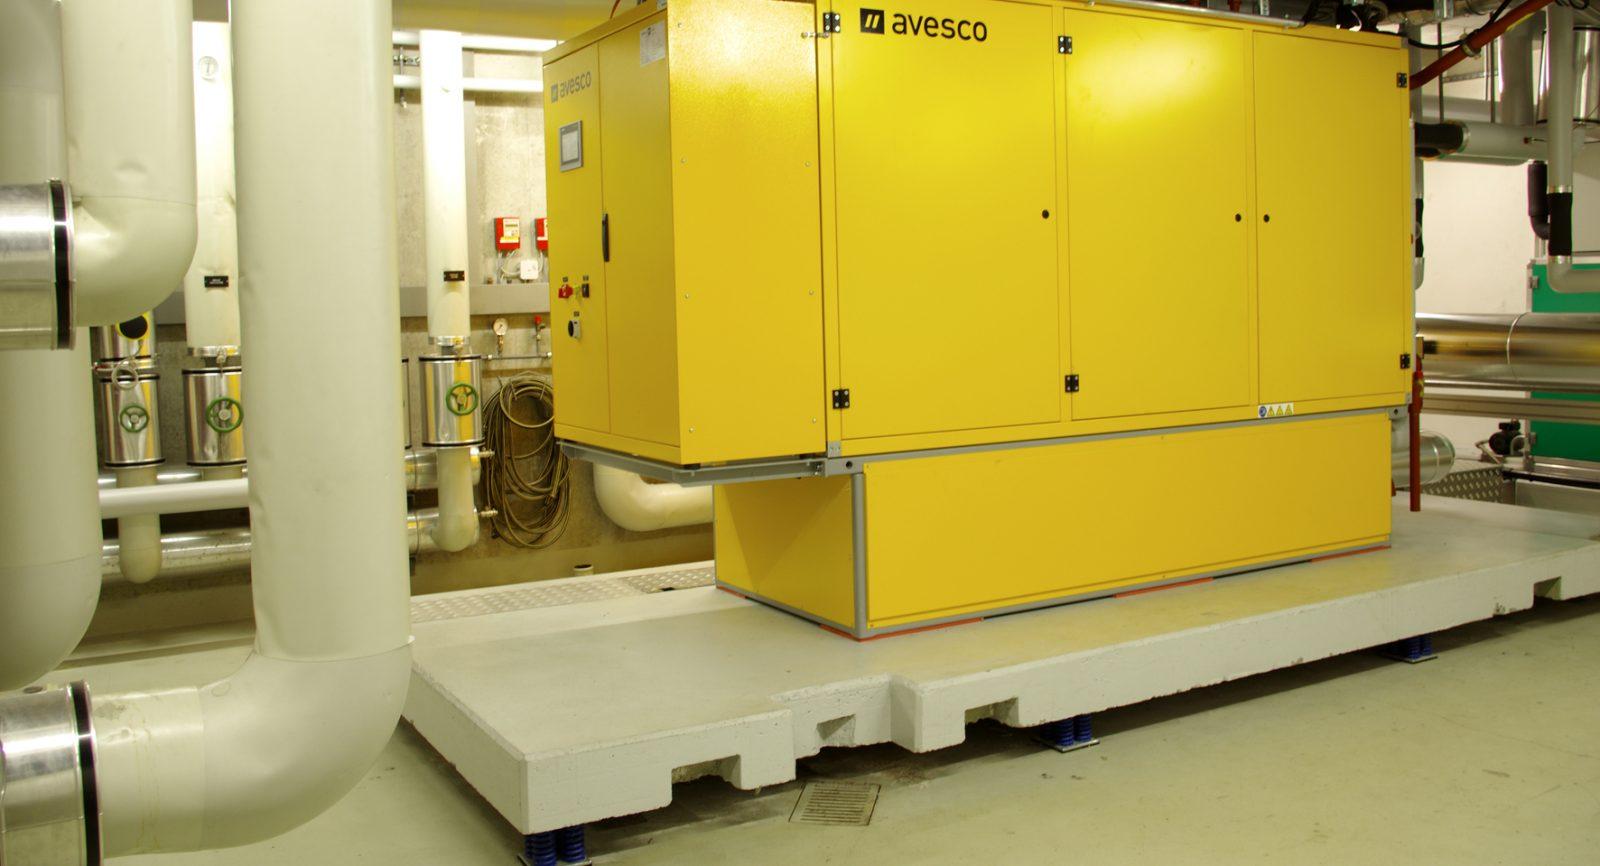 Dank Schwingungsdämpfern unter der eigenen Platt-form erzeugt das über 3 Tonnen schwere BHKW keine hausinternen Schallemissionen.